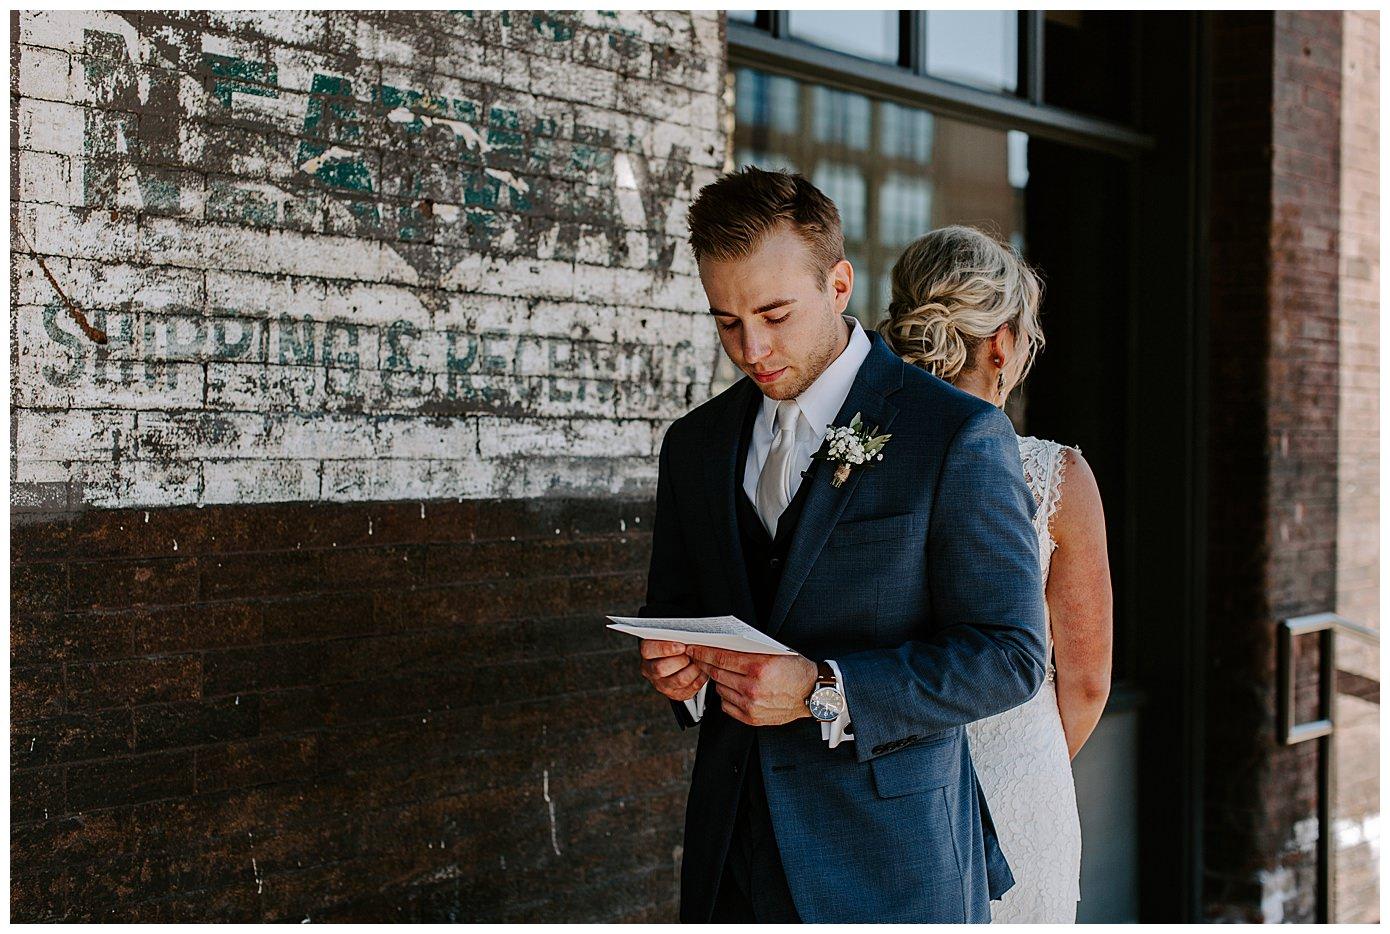 lumber exchange wedding minneapolis mn_0339.jpg